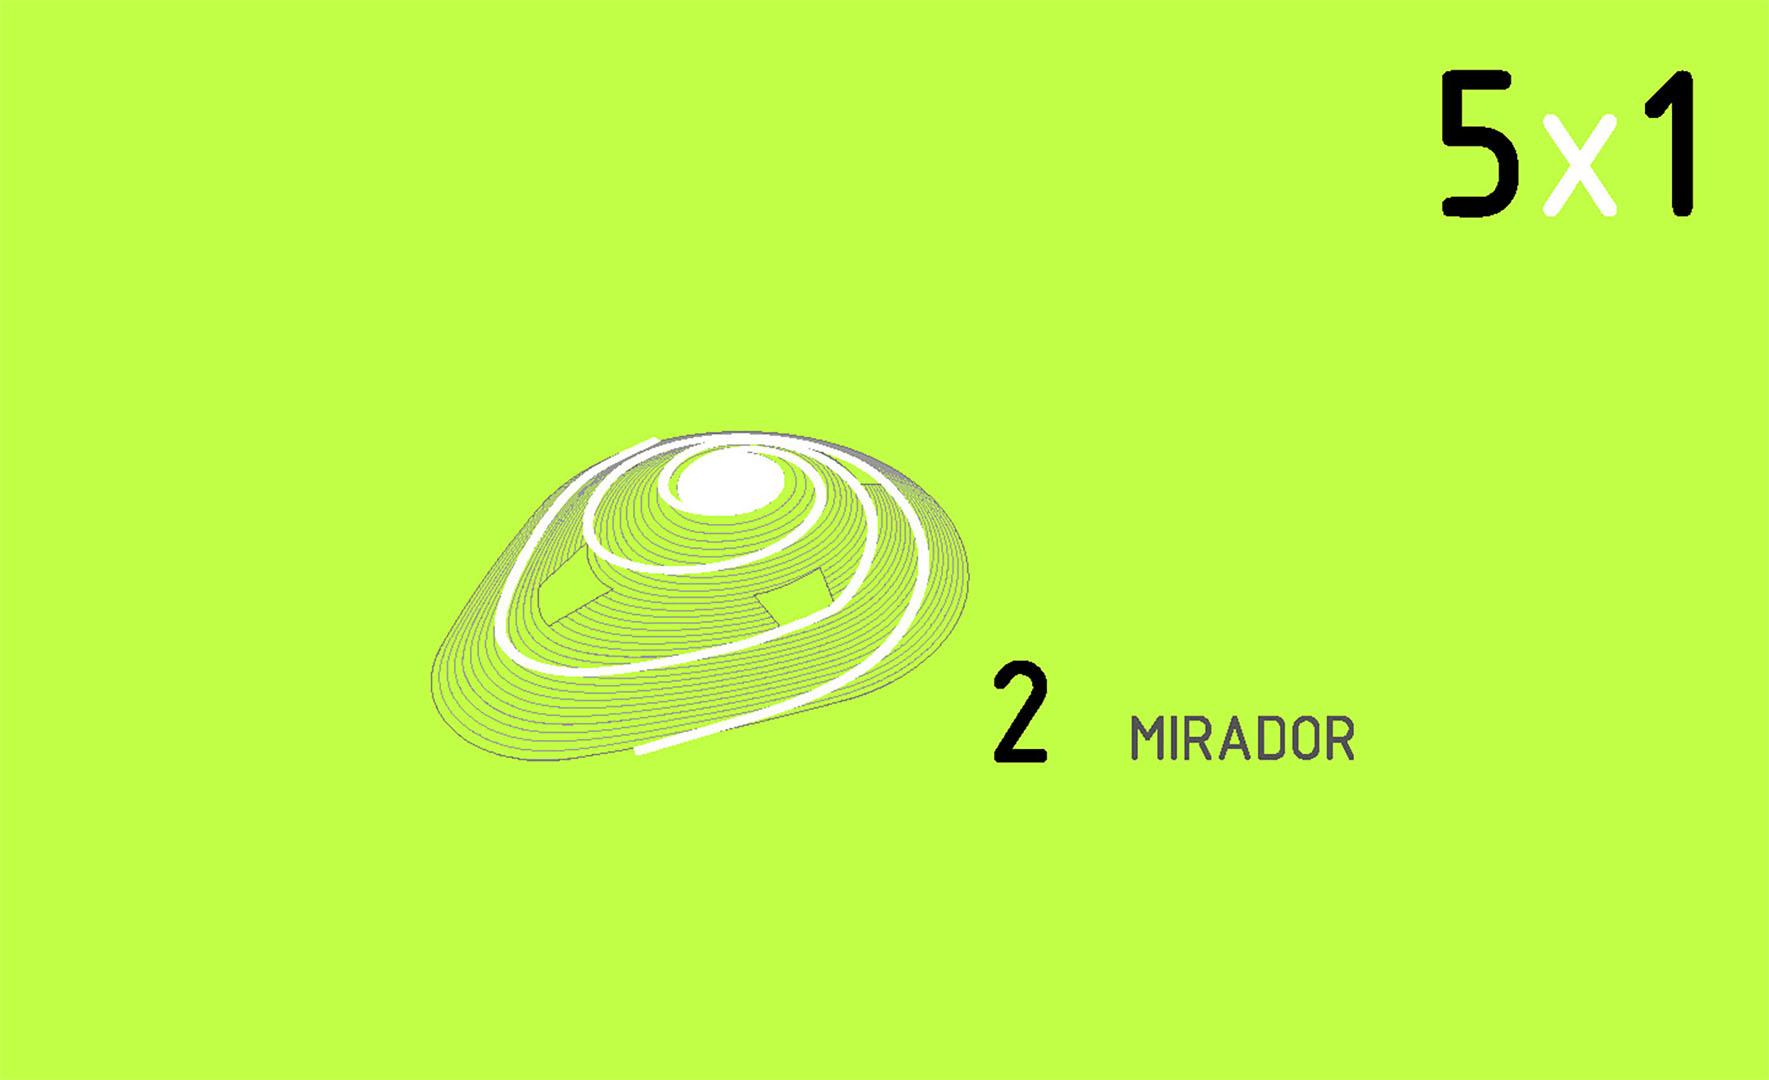 07 PLAYstudio_Mirador-Palmeral-Elche-5en1-2